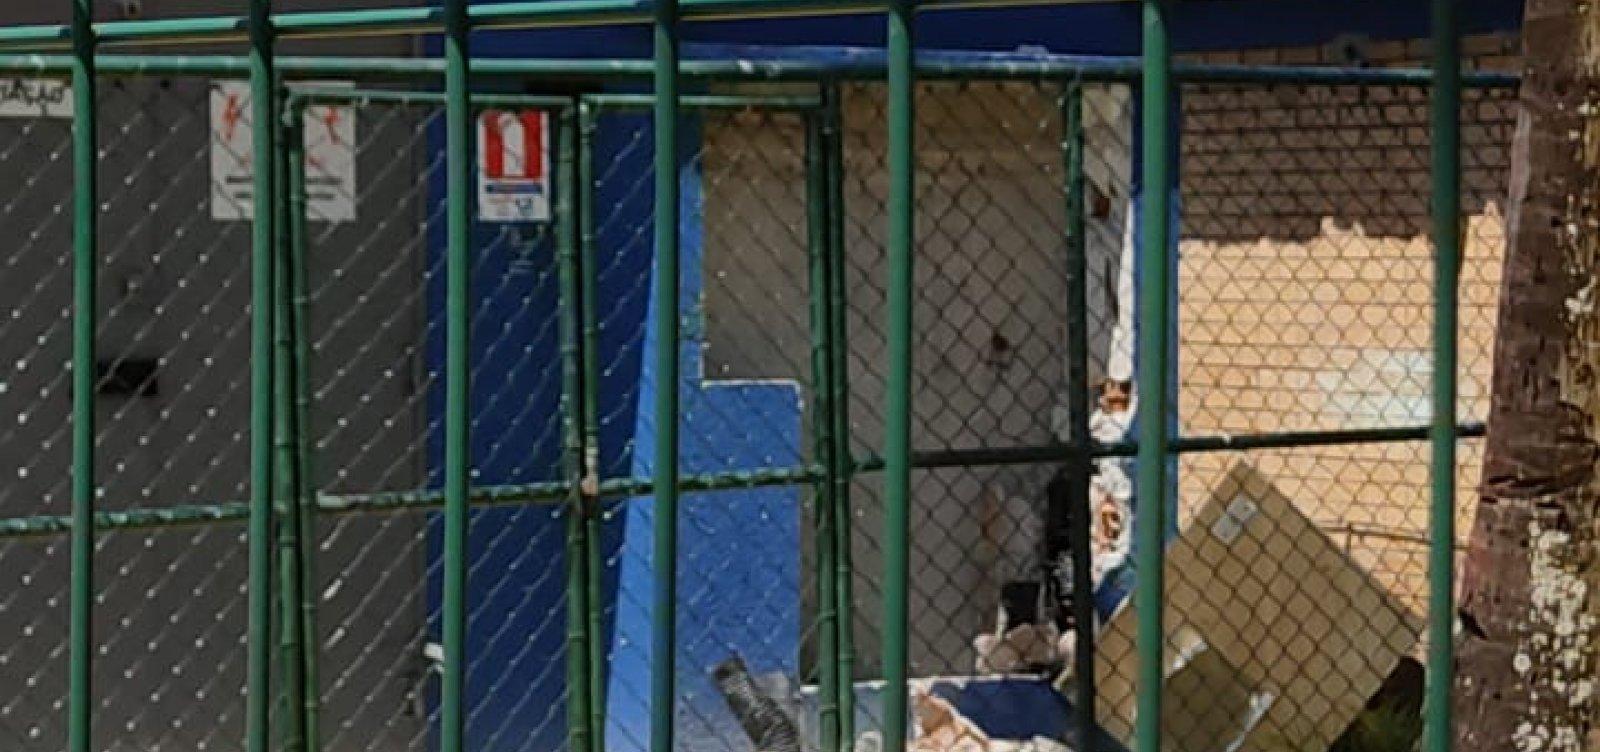 Escola reformada em Salvador desperta cobiça e vira alvo de bandidos até em horário de aula